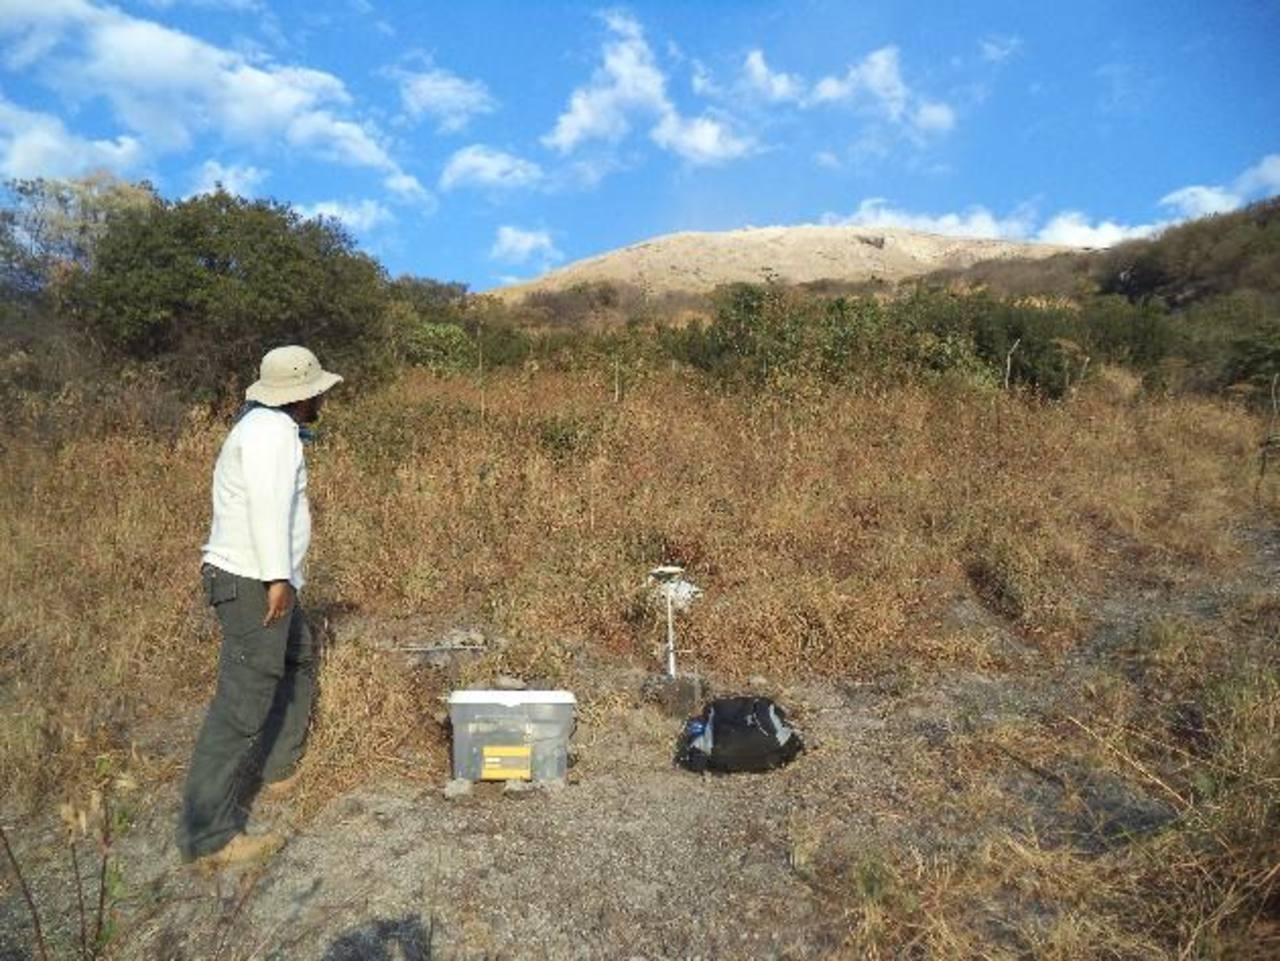 La estación de GPS instalada en ranchito mide para detectar los desplazamientos de las paredes volcánicas.